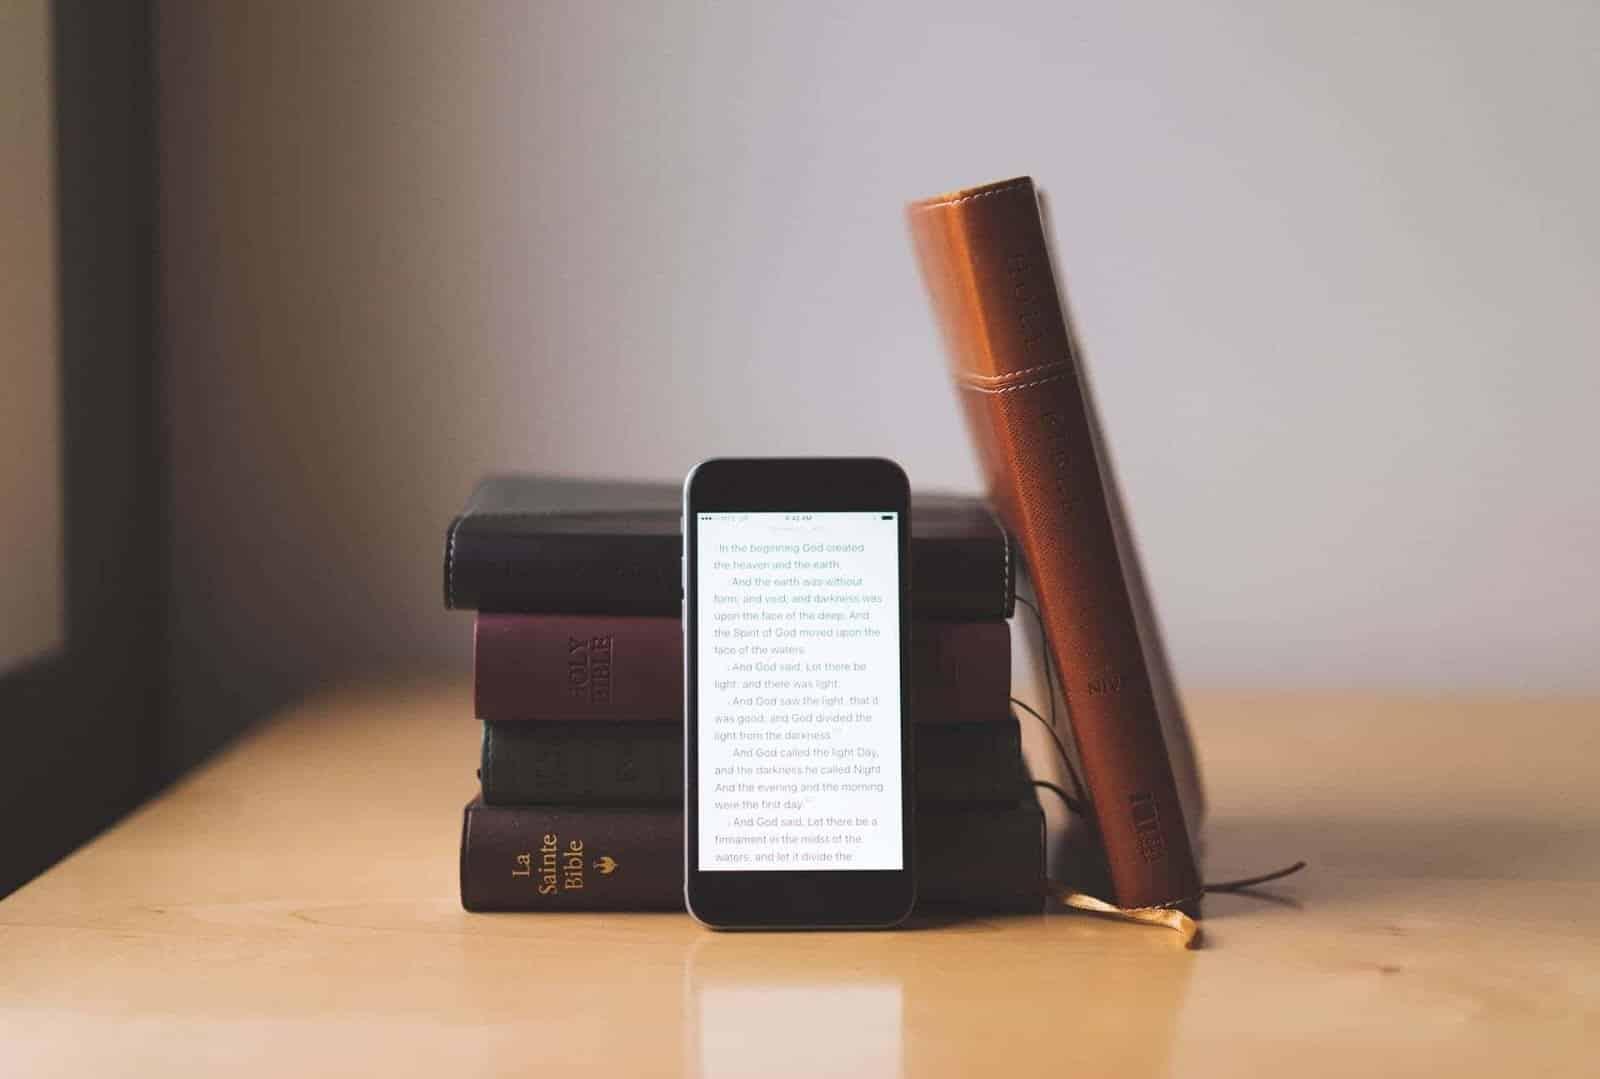 ما هي القراءة الاجتماعية؟ أفضل تطبيقات القراءة الاجتماعية